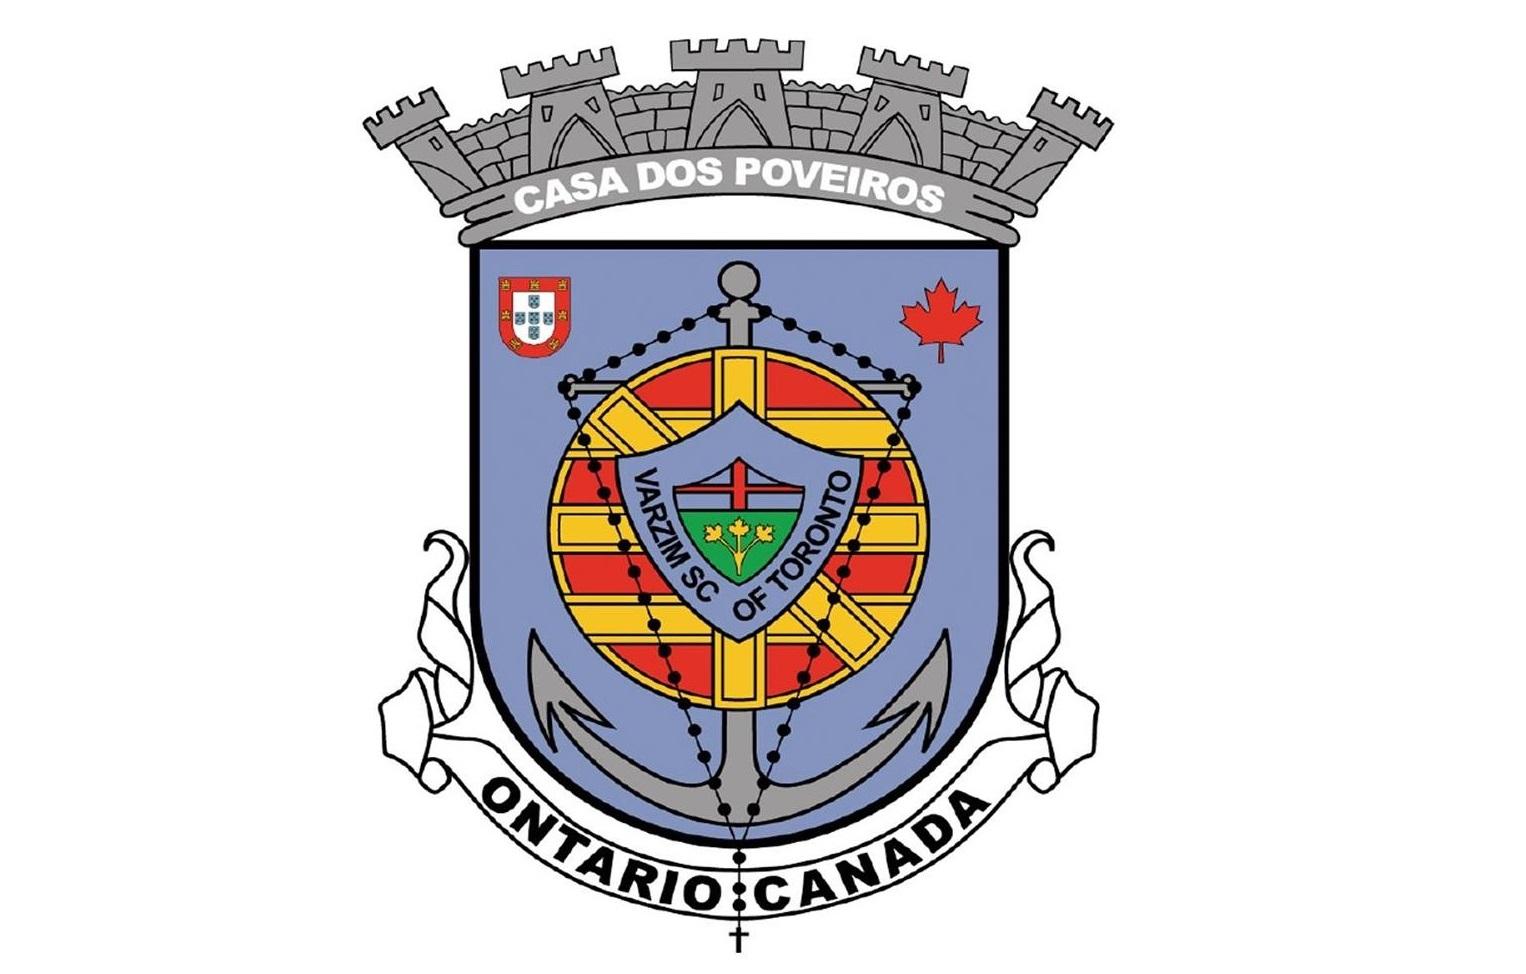 Aires Pereira na Casa dos Poveiros de Toronto